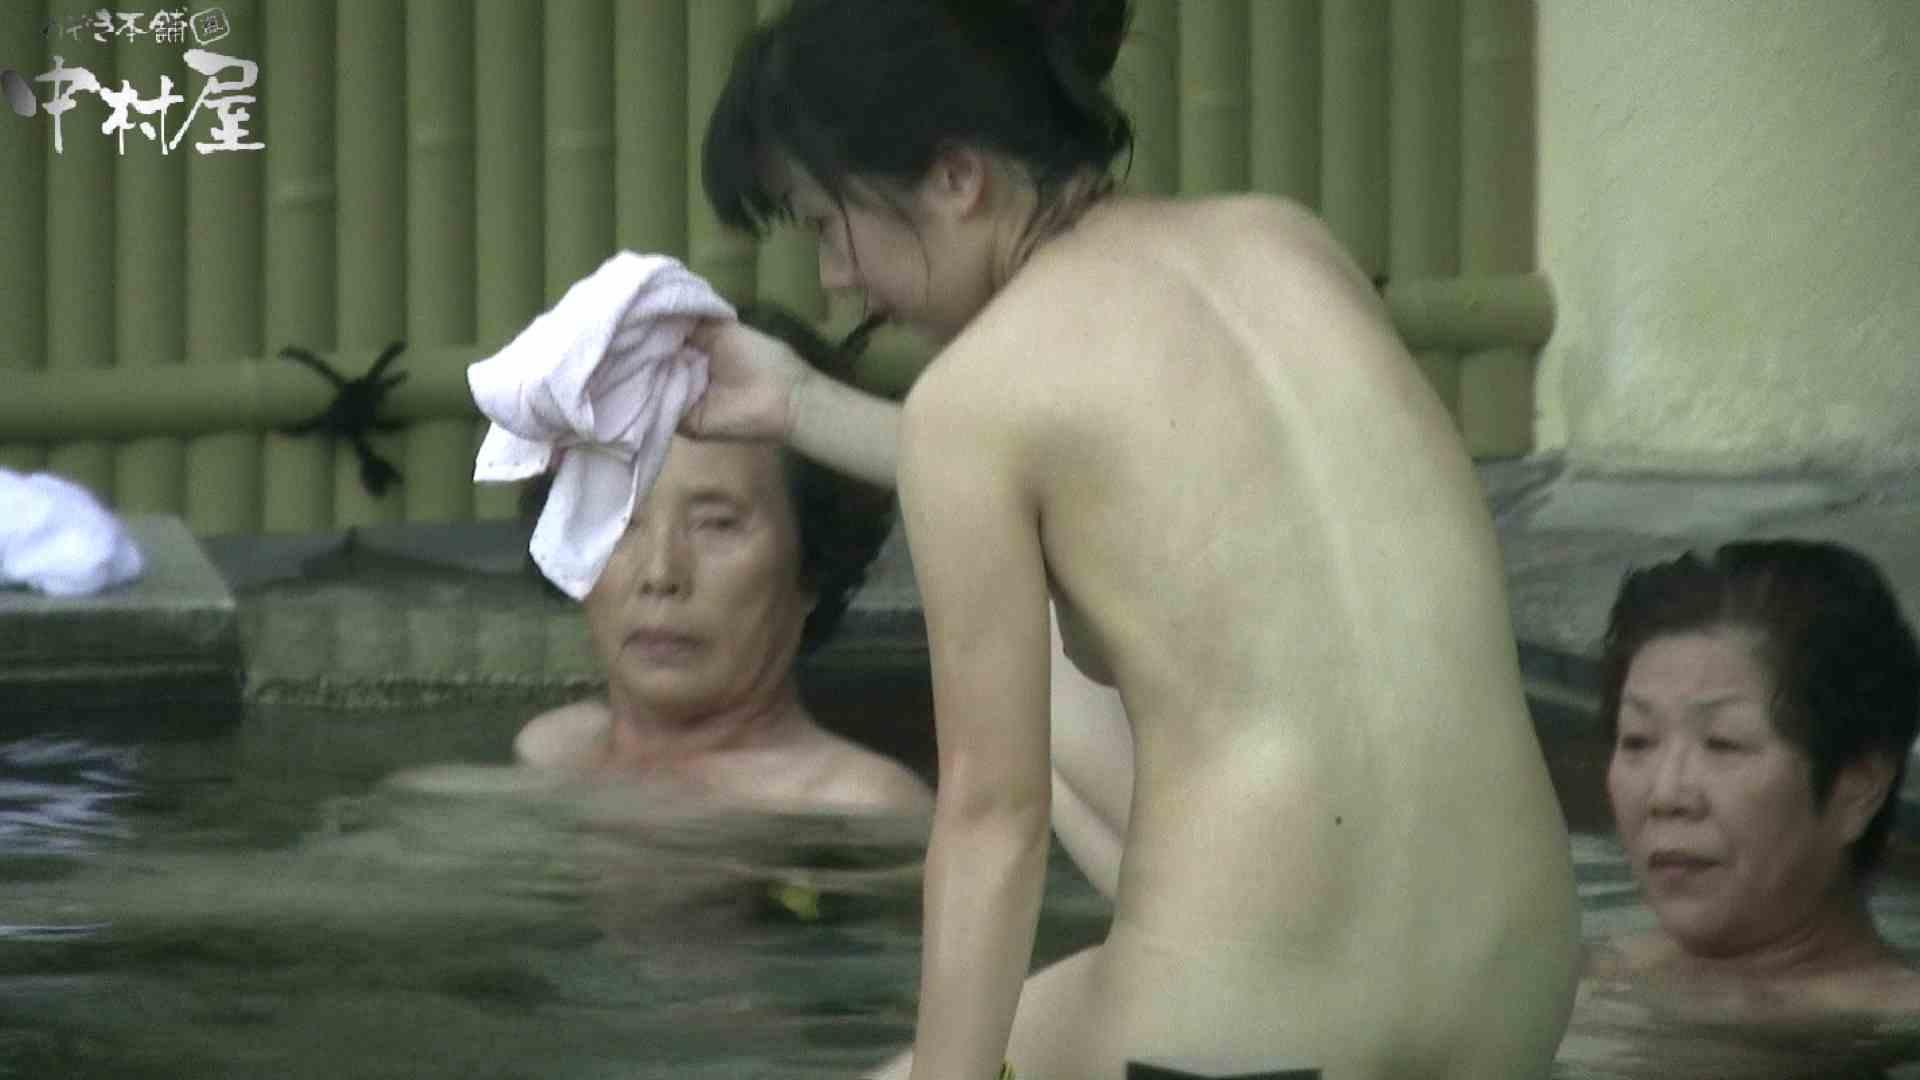 Aquaな露天風呂Vol.904 0  63pic 2